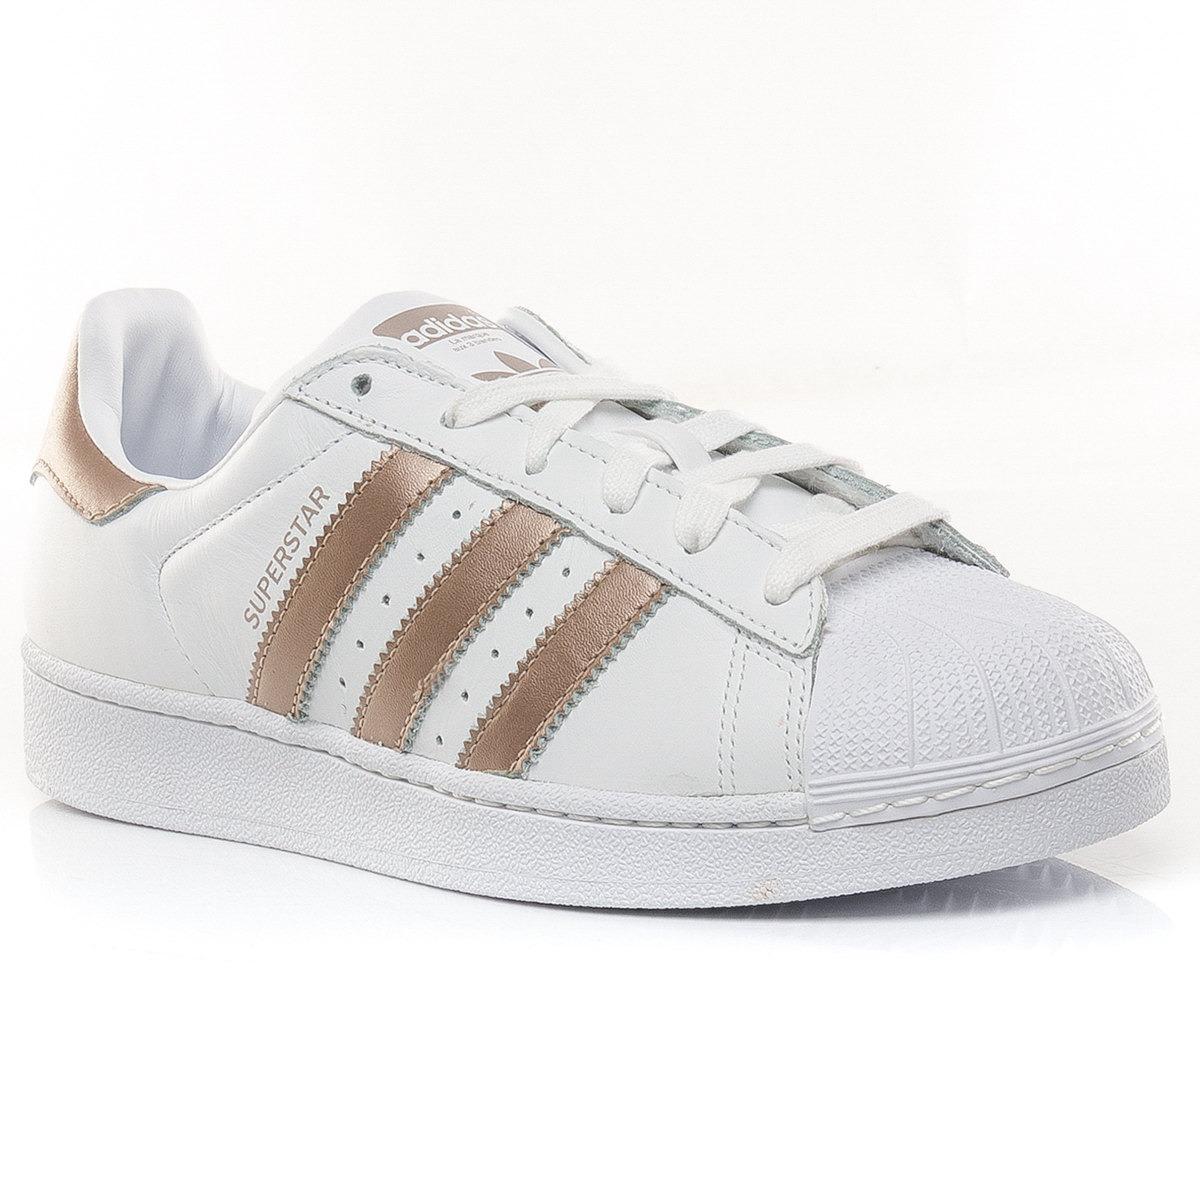 Tienda Adidas Zapatillas Blast White Superstar W Oficial Y6gIybf7v